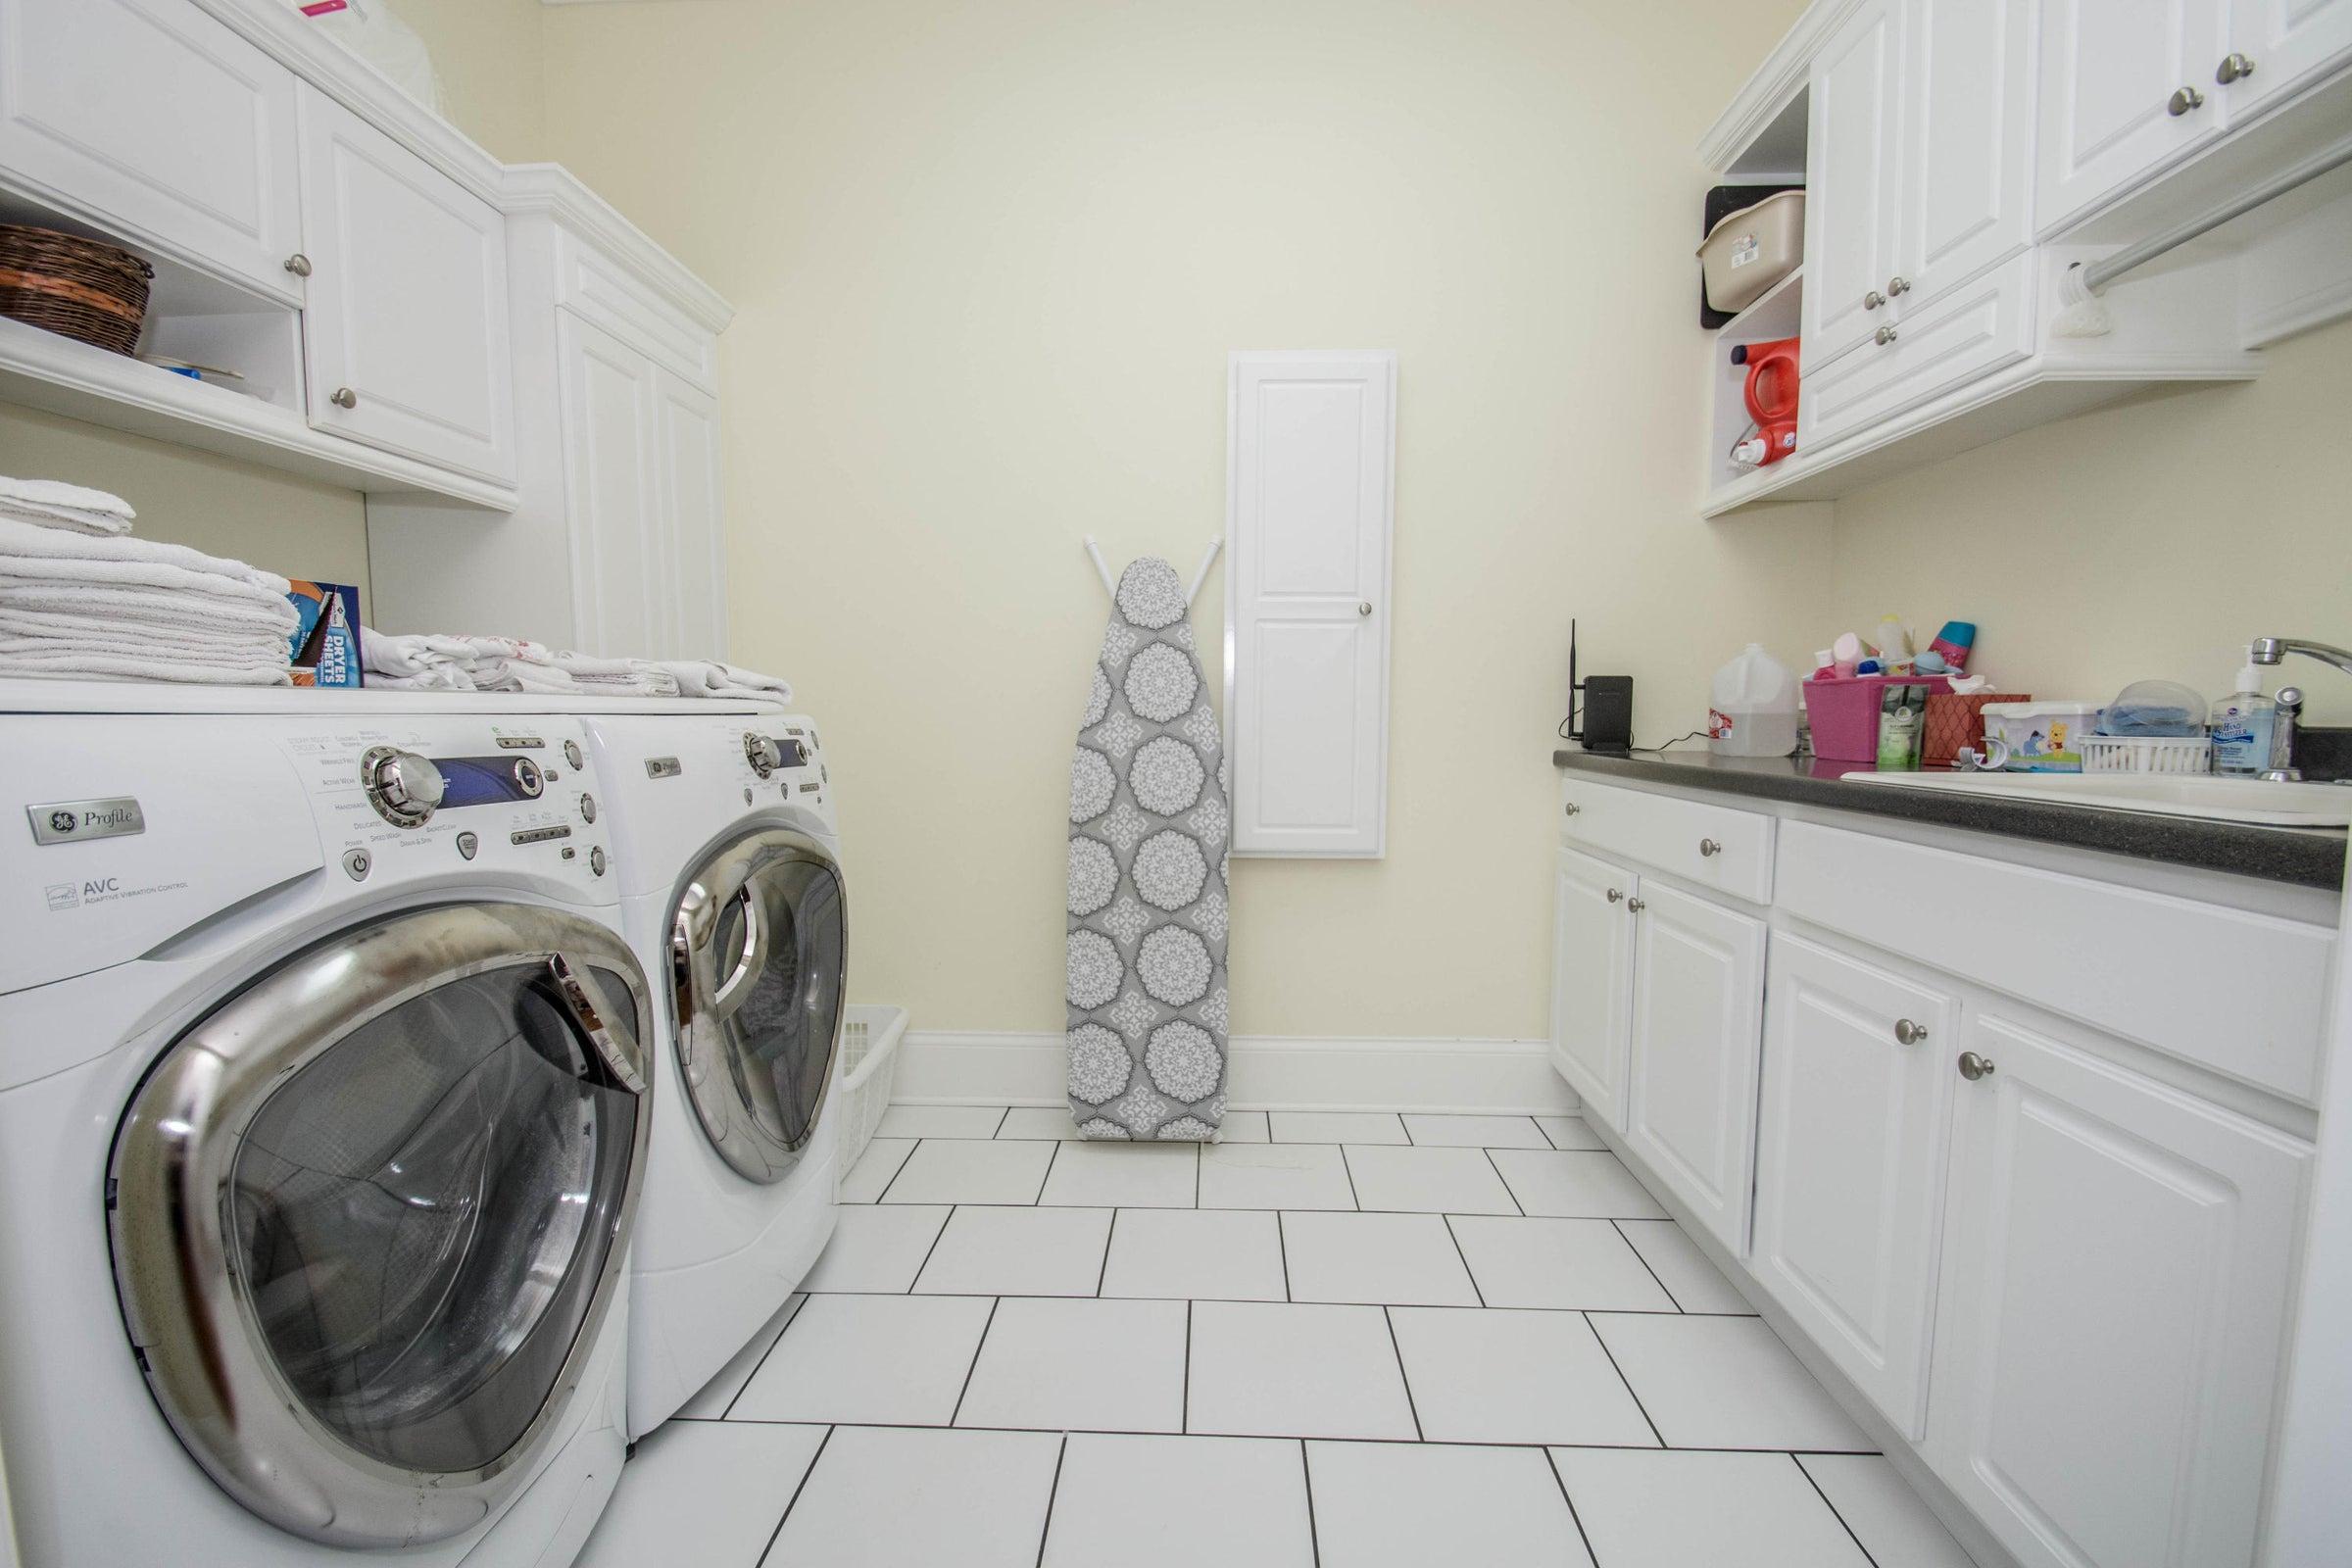 VF Laundry